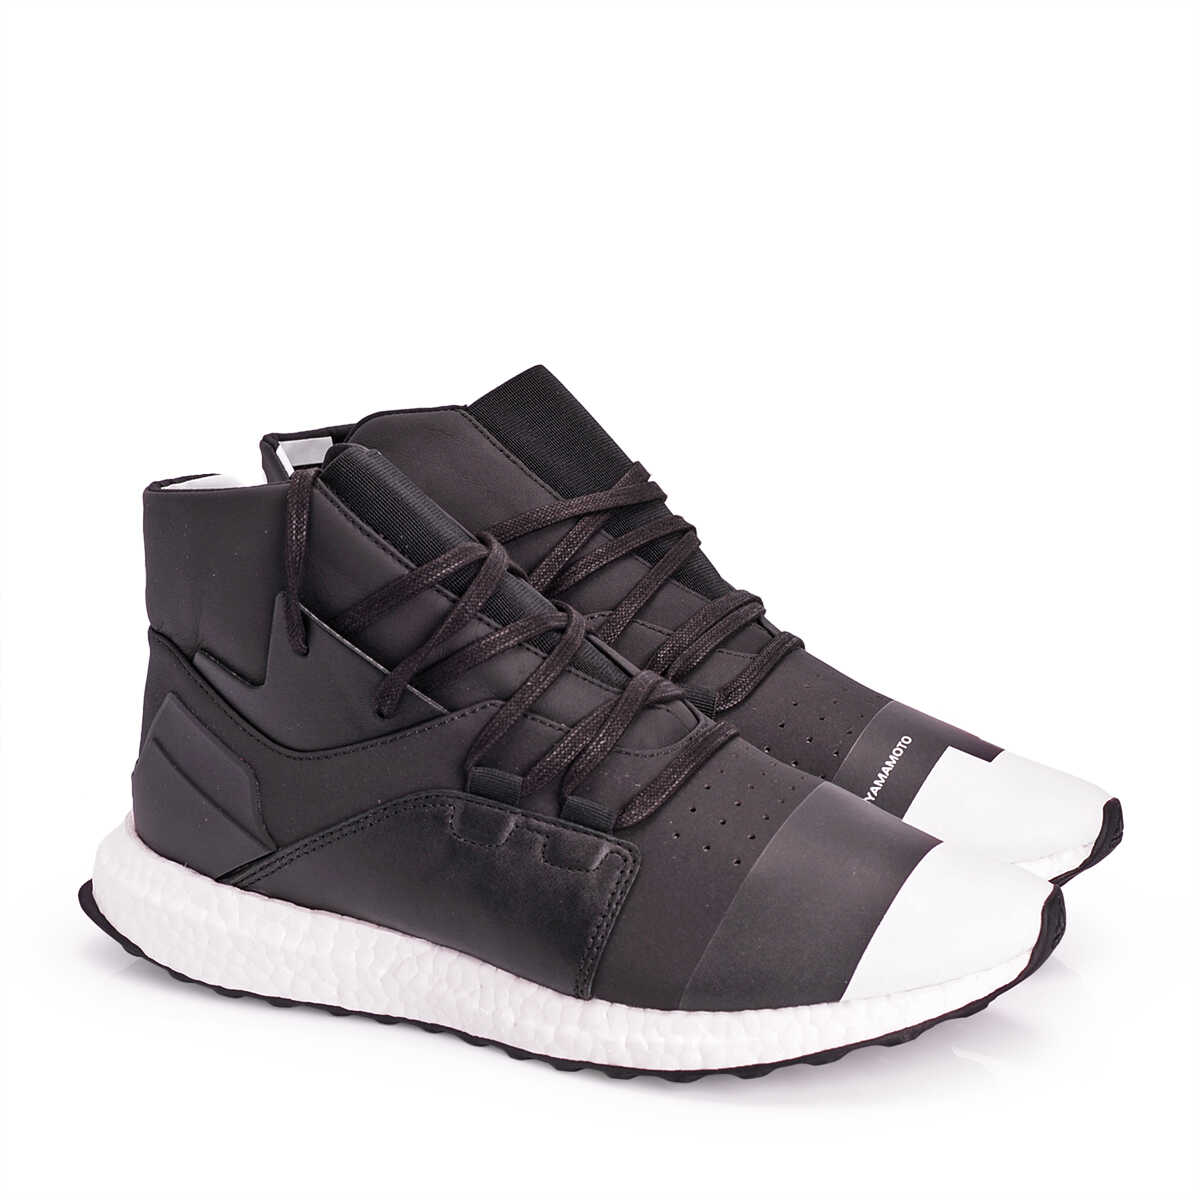 adidas Yohji Yamamoto Y-3 Sneakersy Czarny, Biały